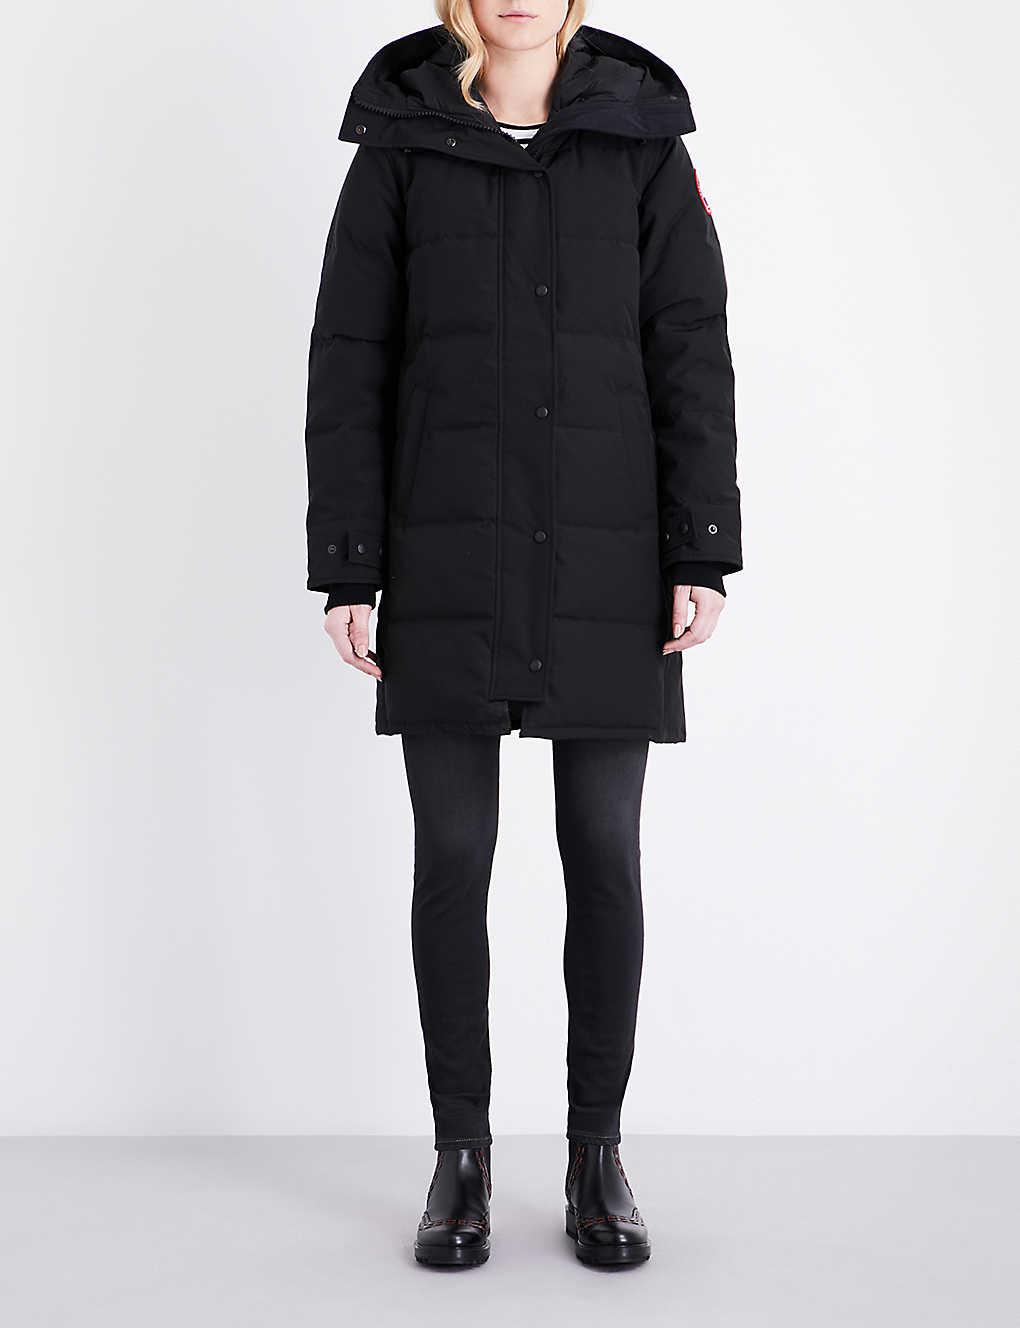 Parka coats - Coats - Coats &amp jackets - Clothing - Womens